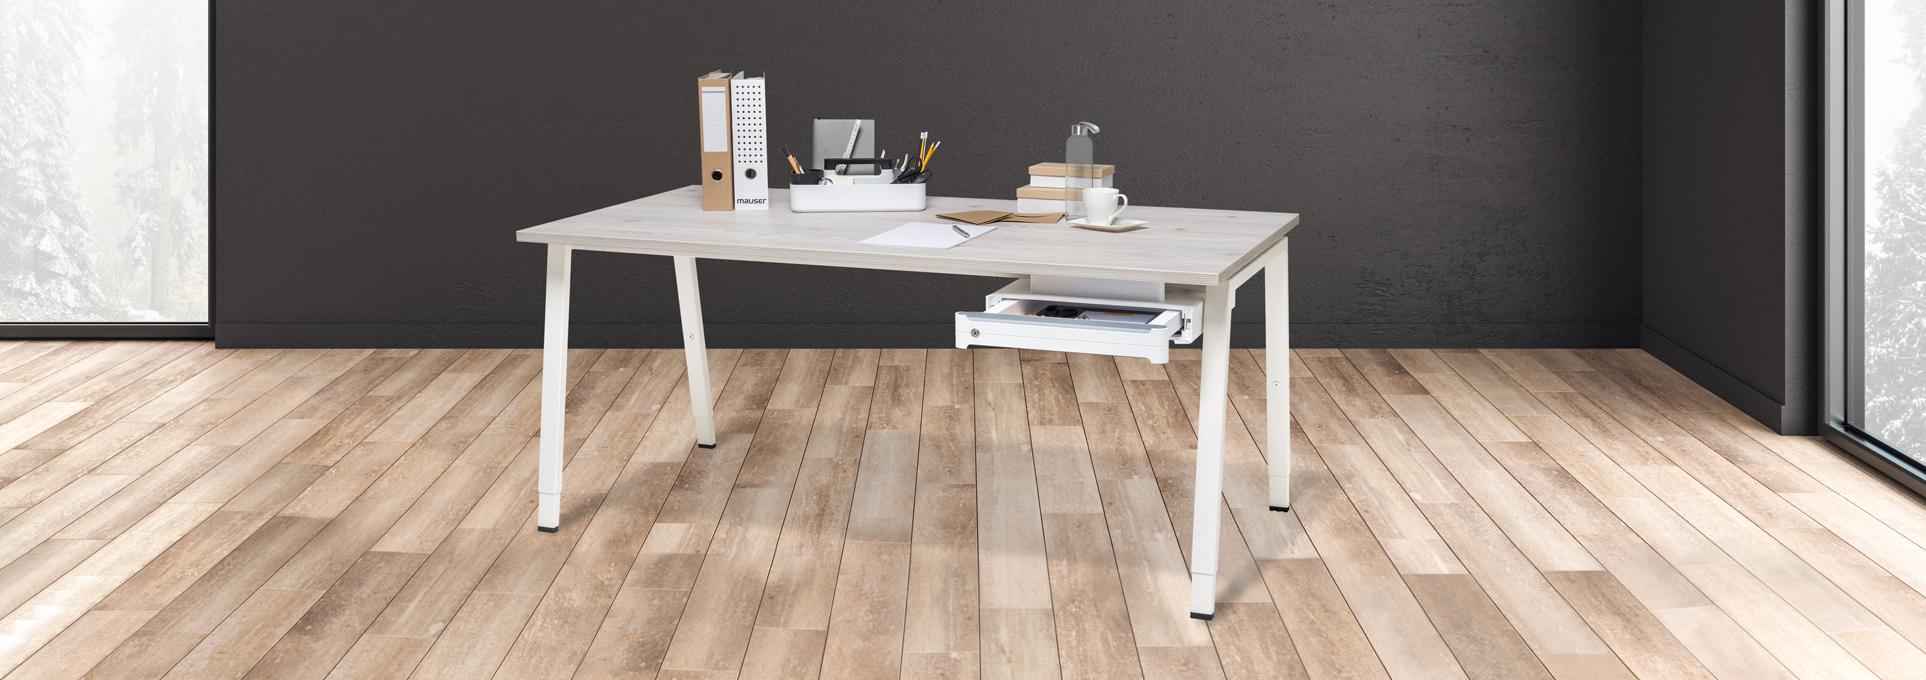 Schreibtisch-Homeoffice-Arbeitsplatz-arcos-a-mauser-Slider-1926x680